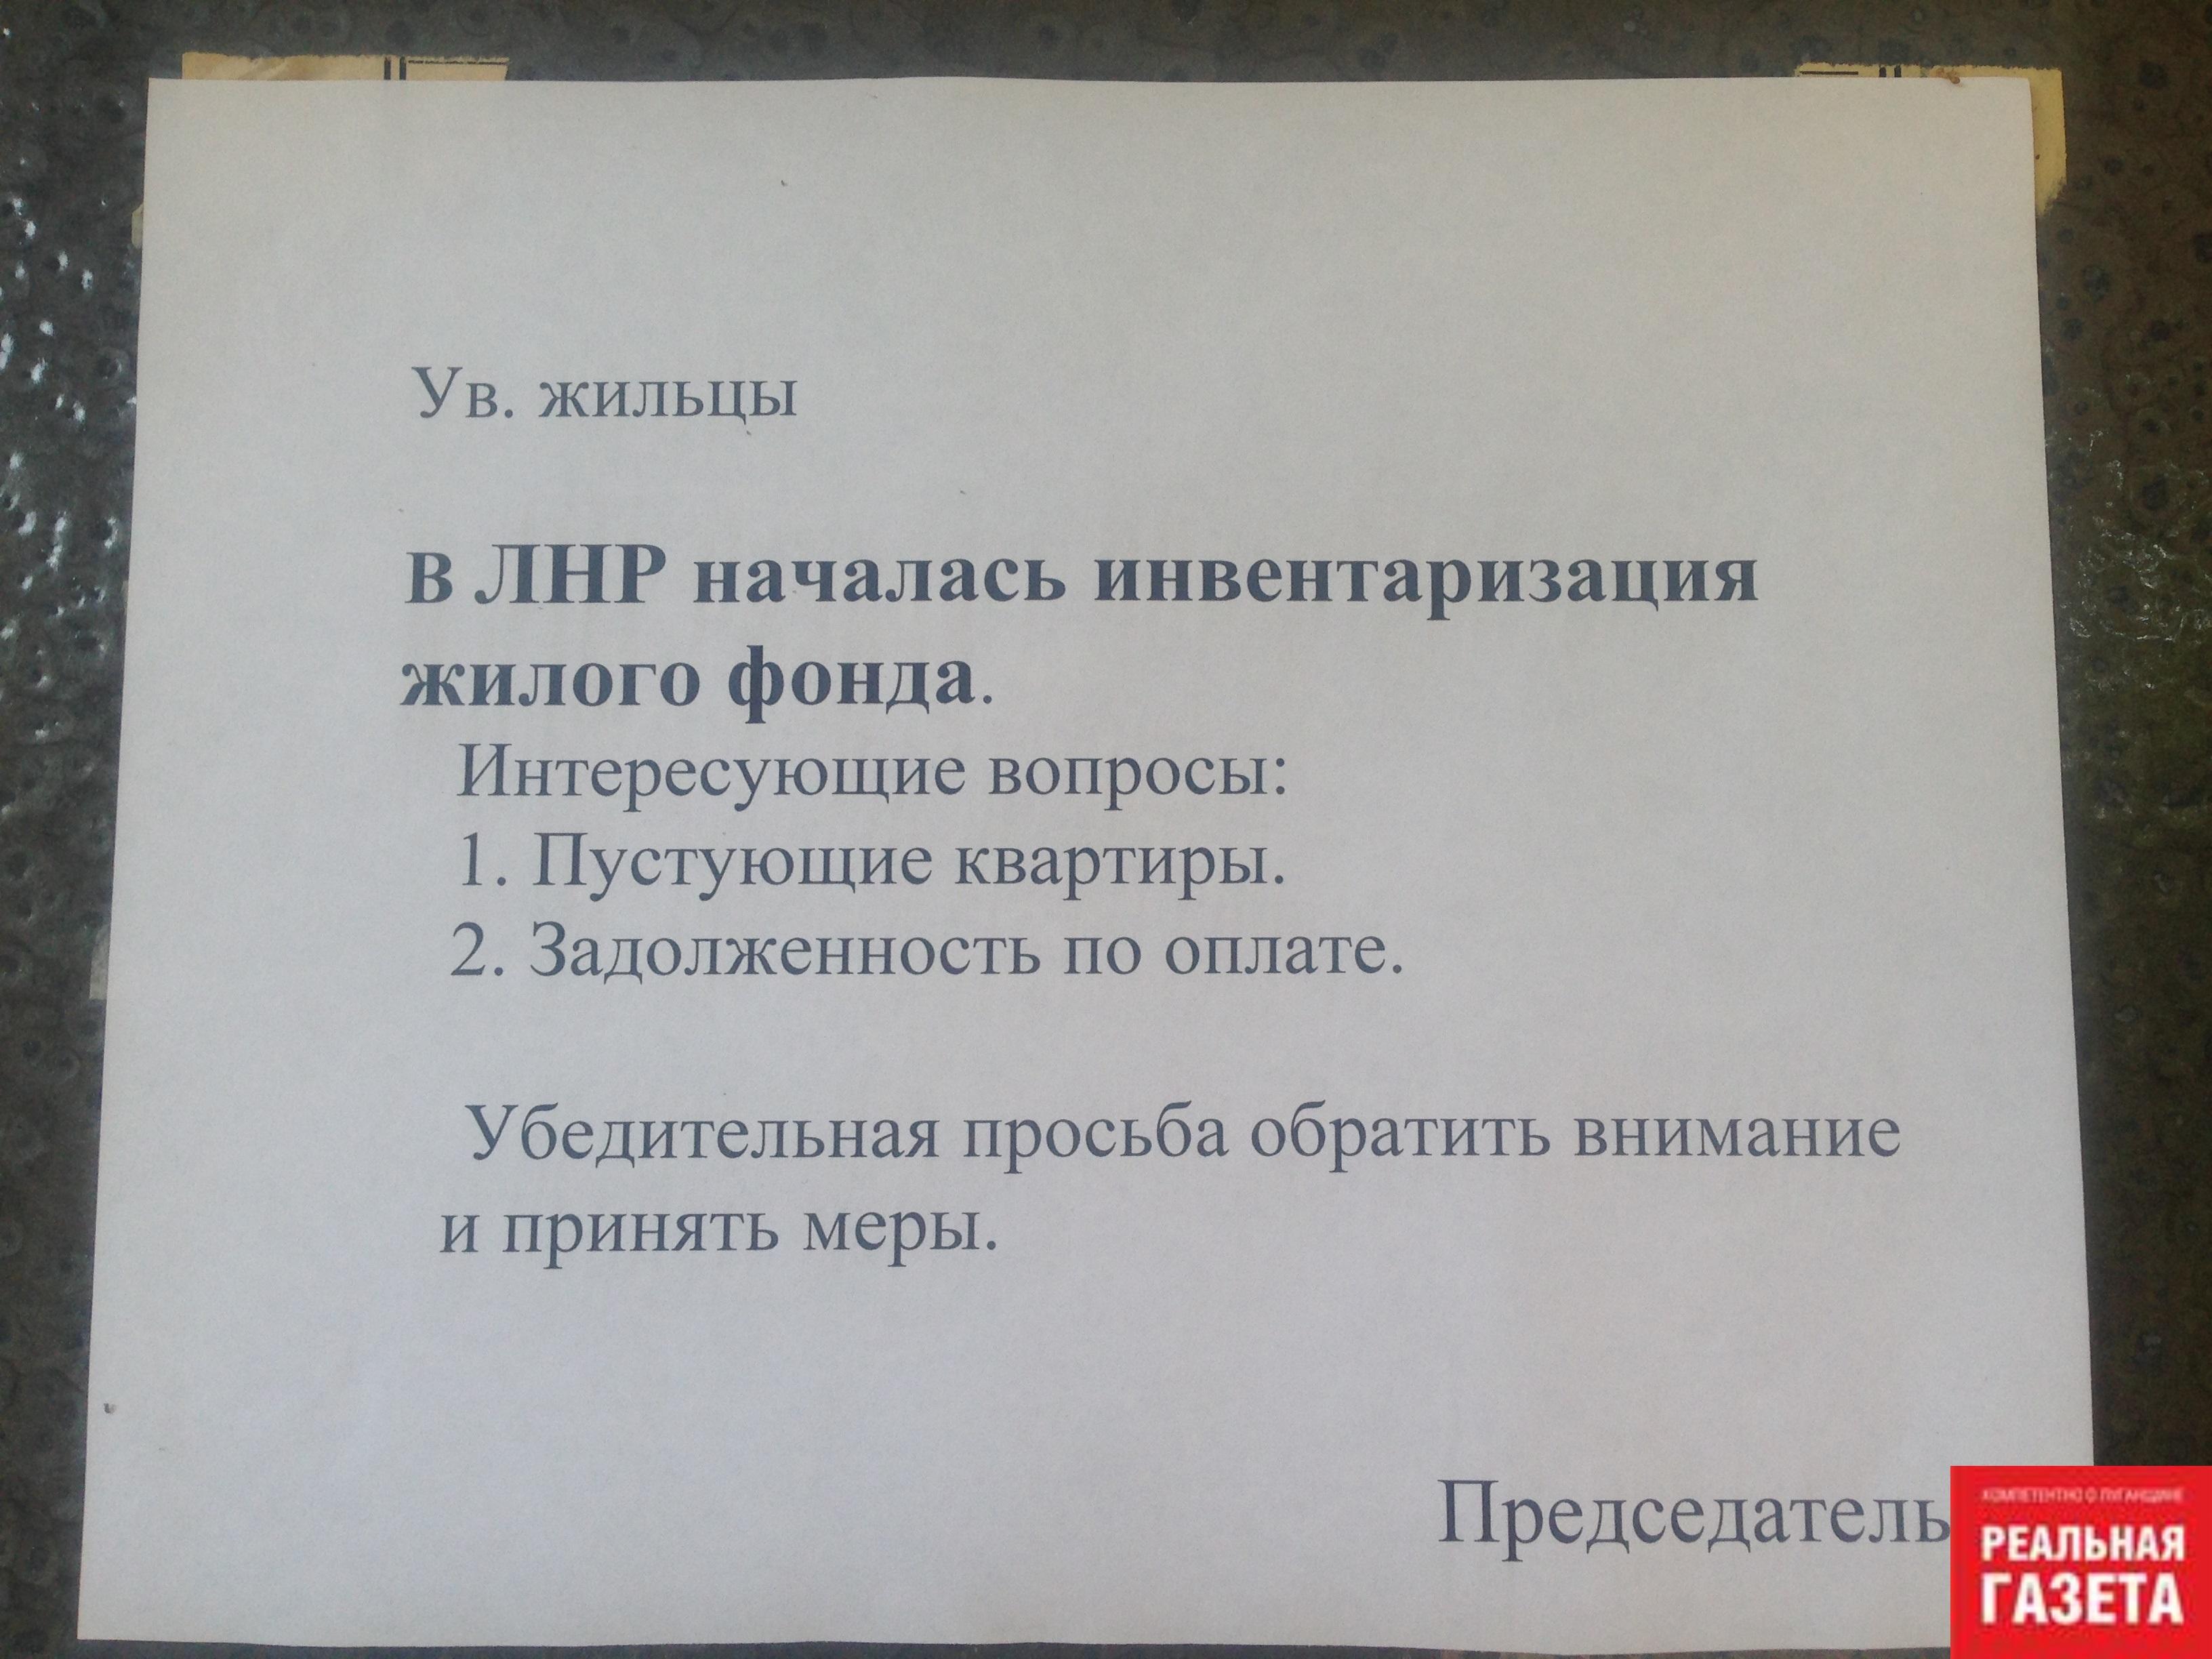 Объявления на подъездах